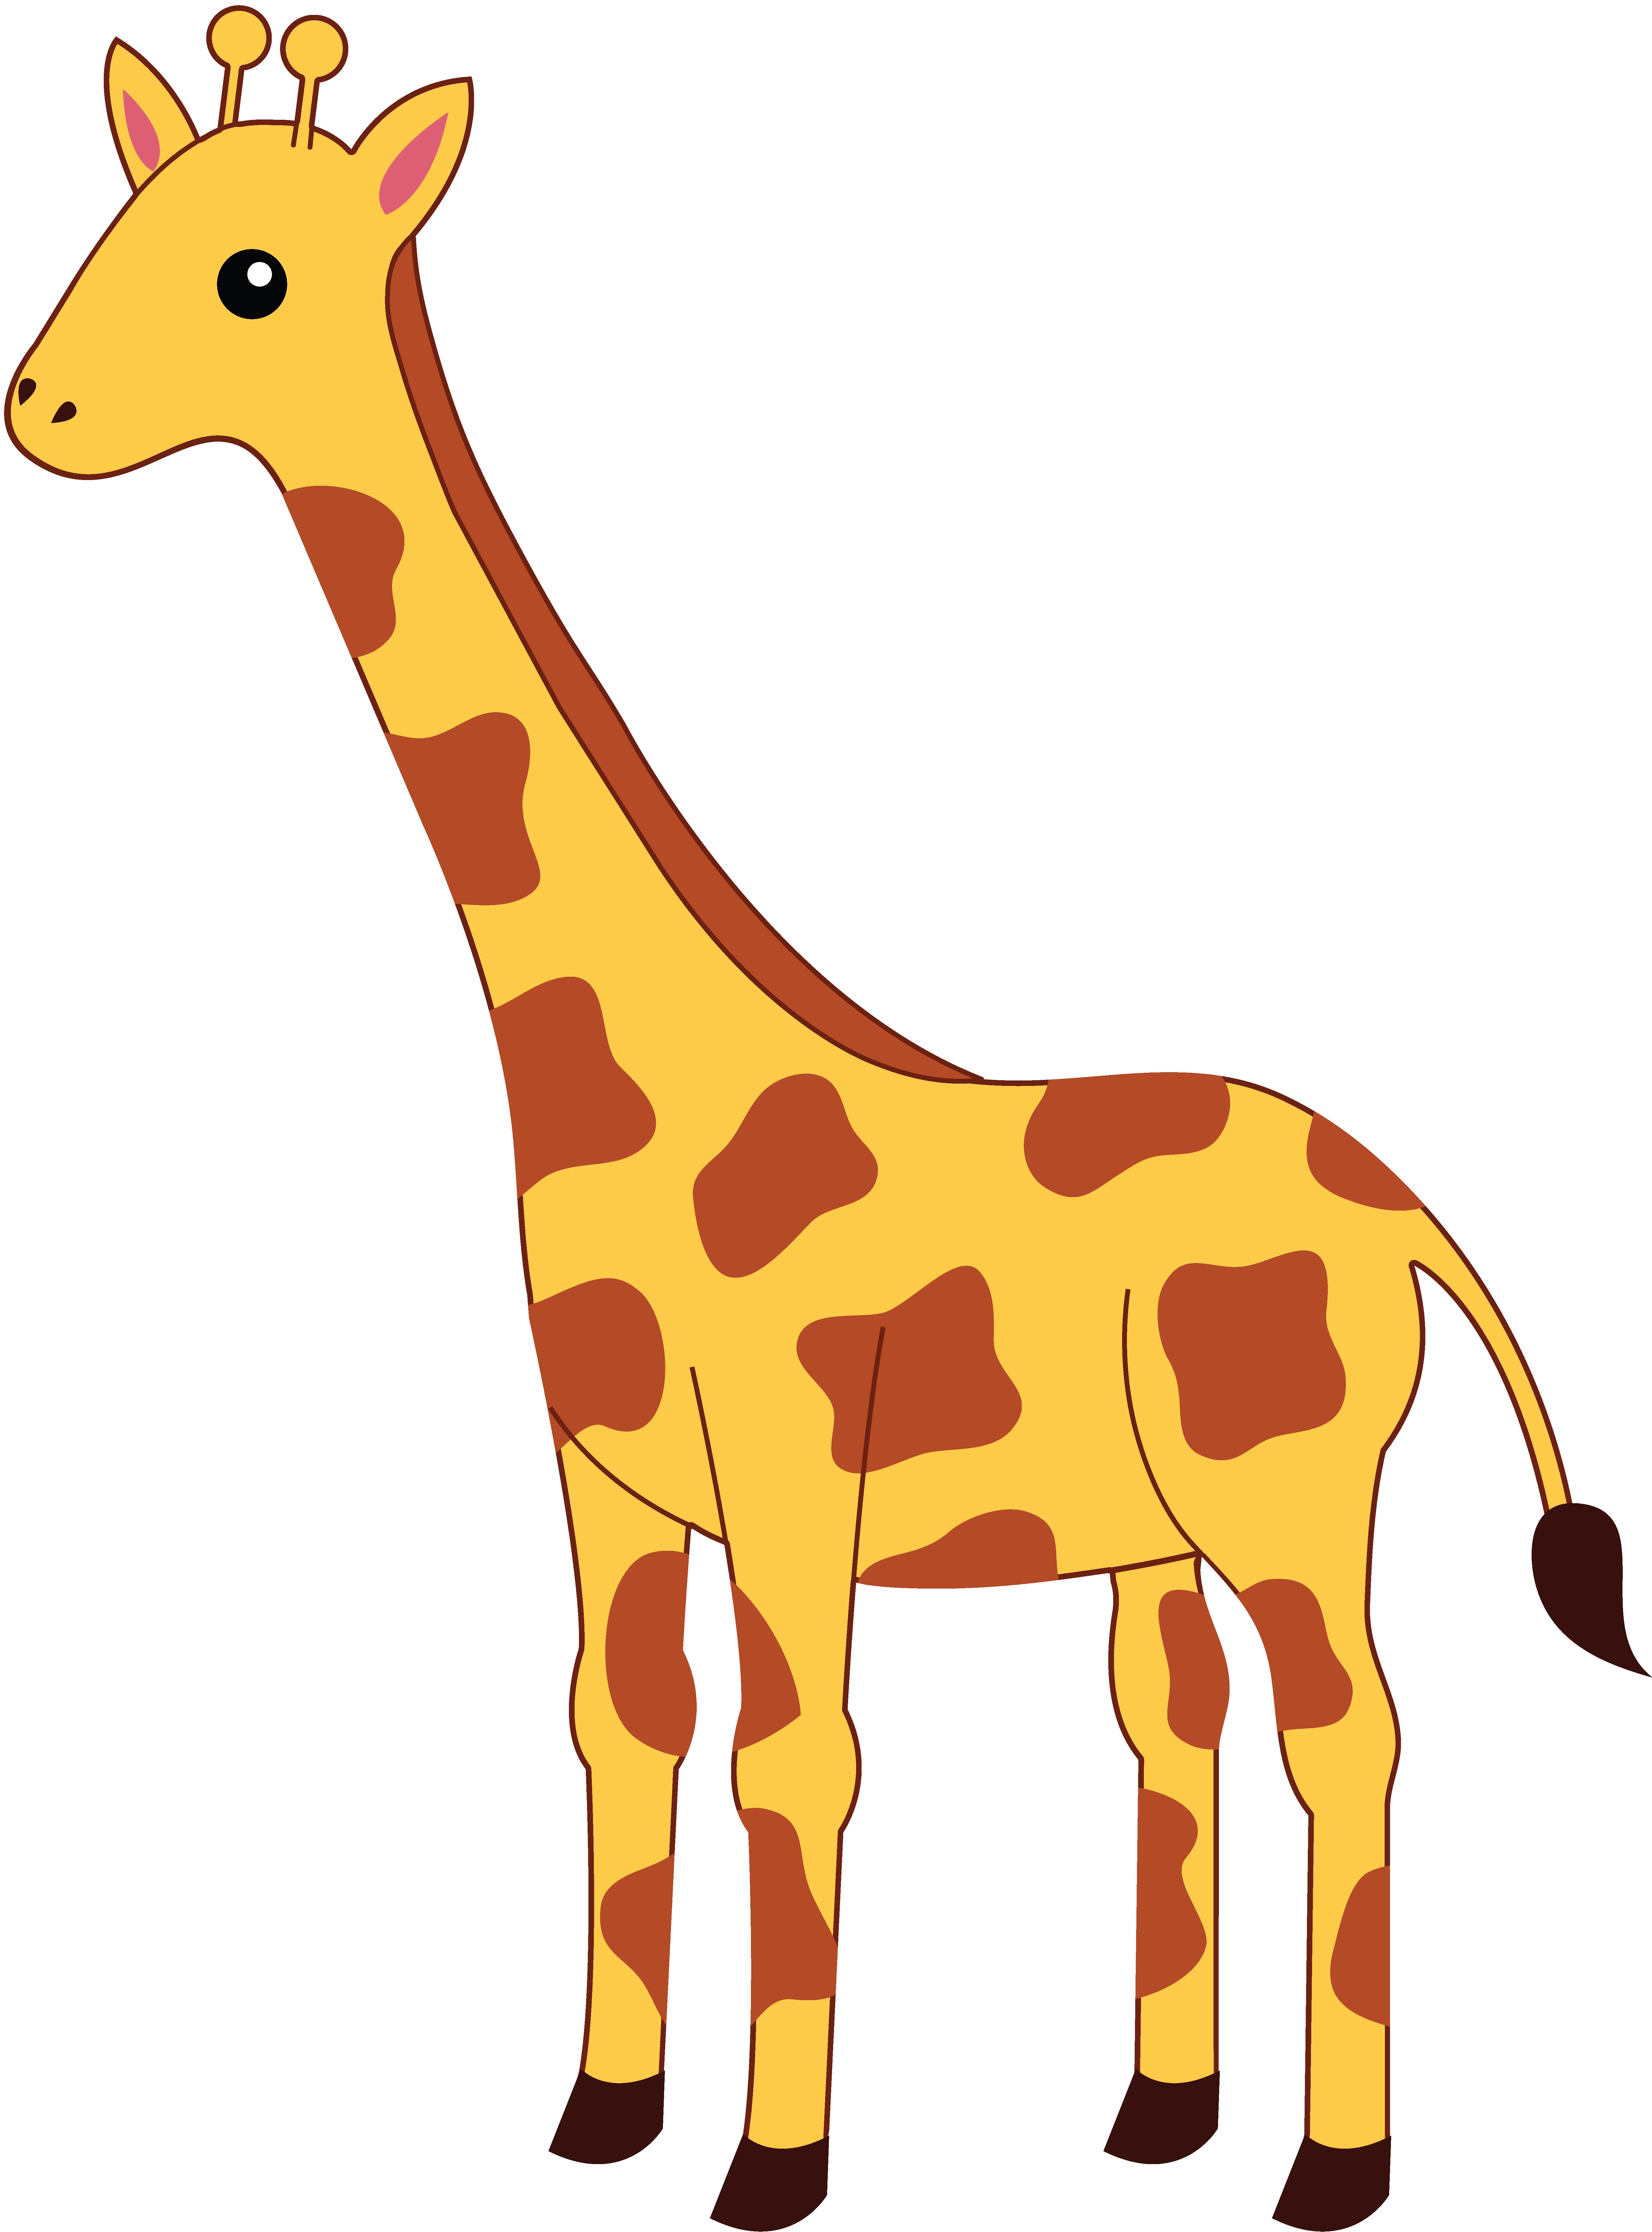 Pice clipart giraffe #10